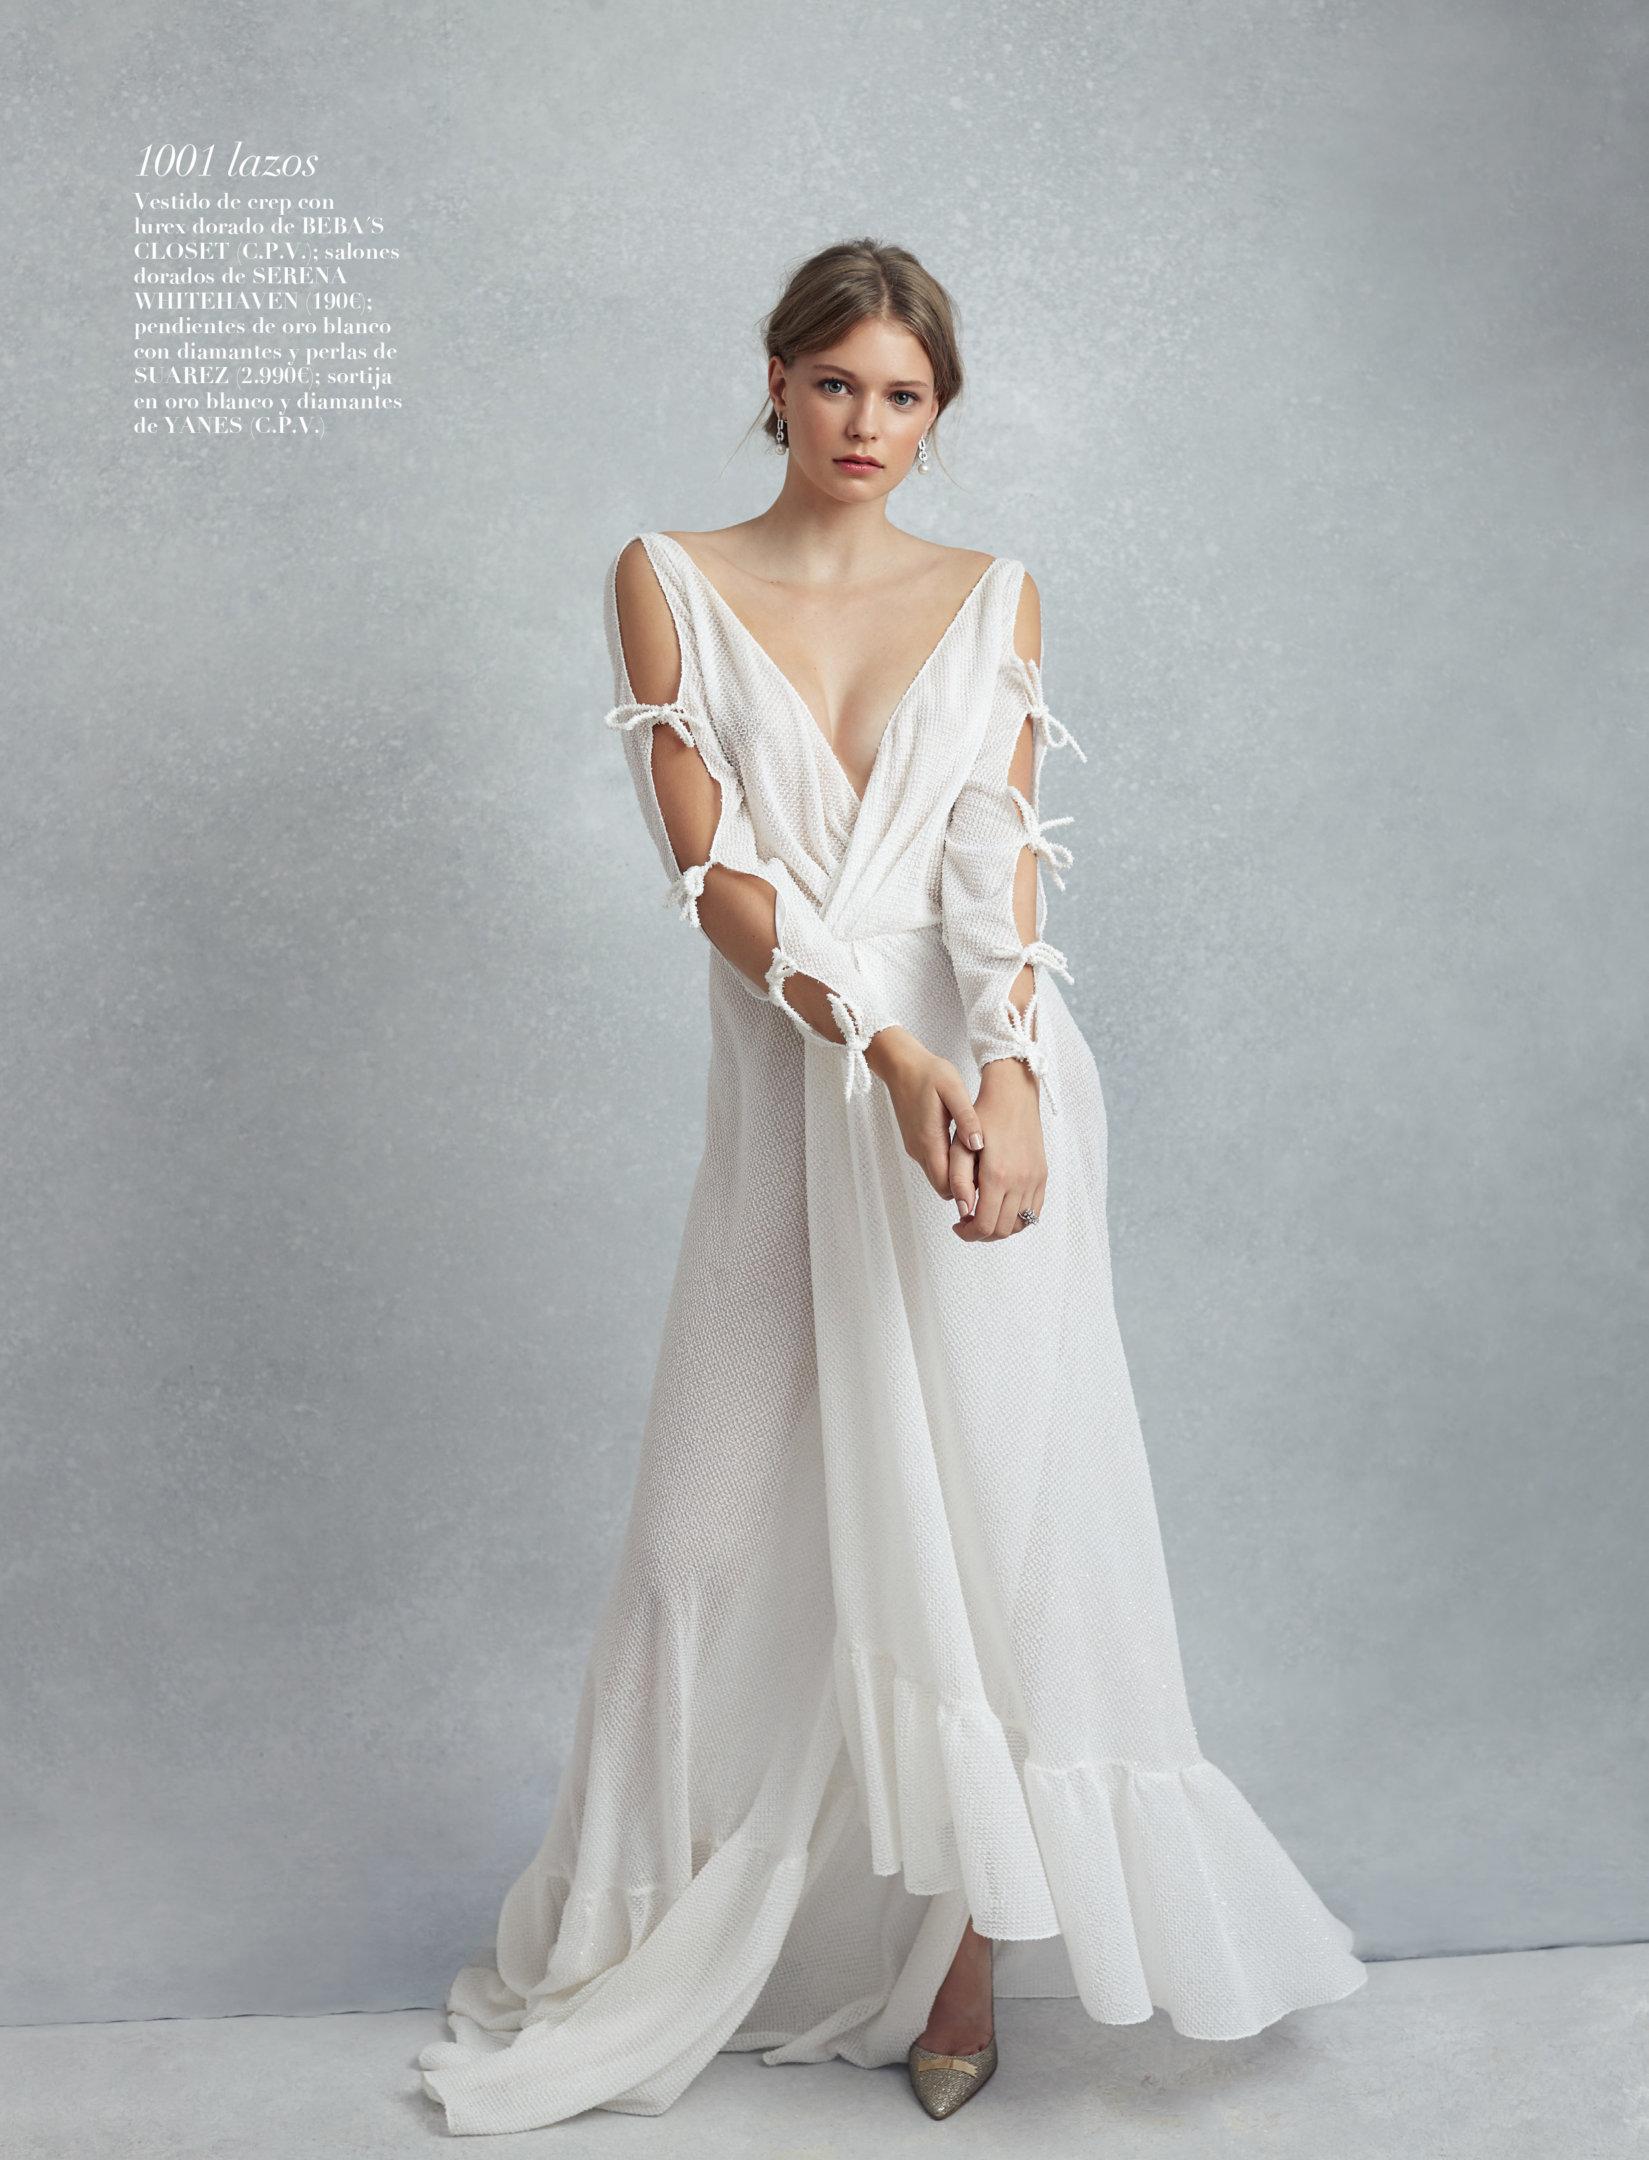 el vestido de novia mas romantico